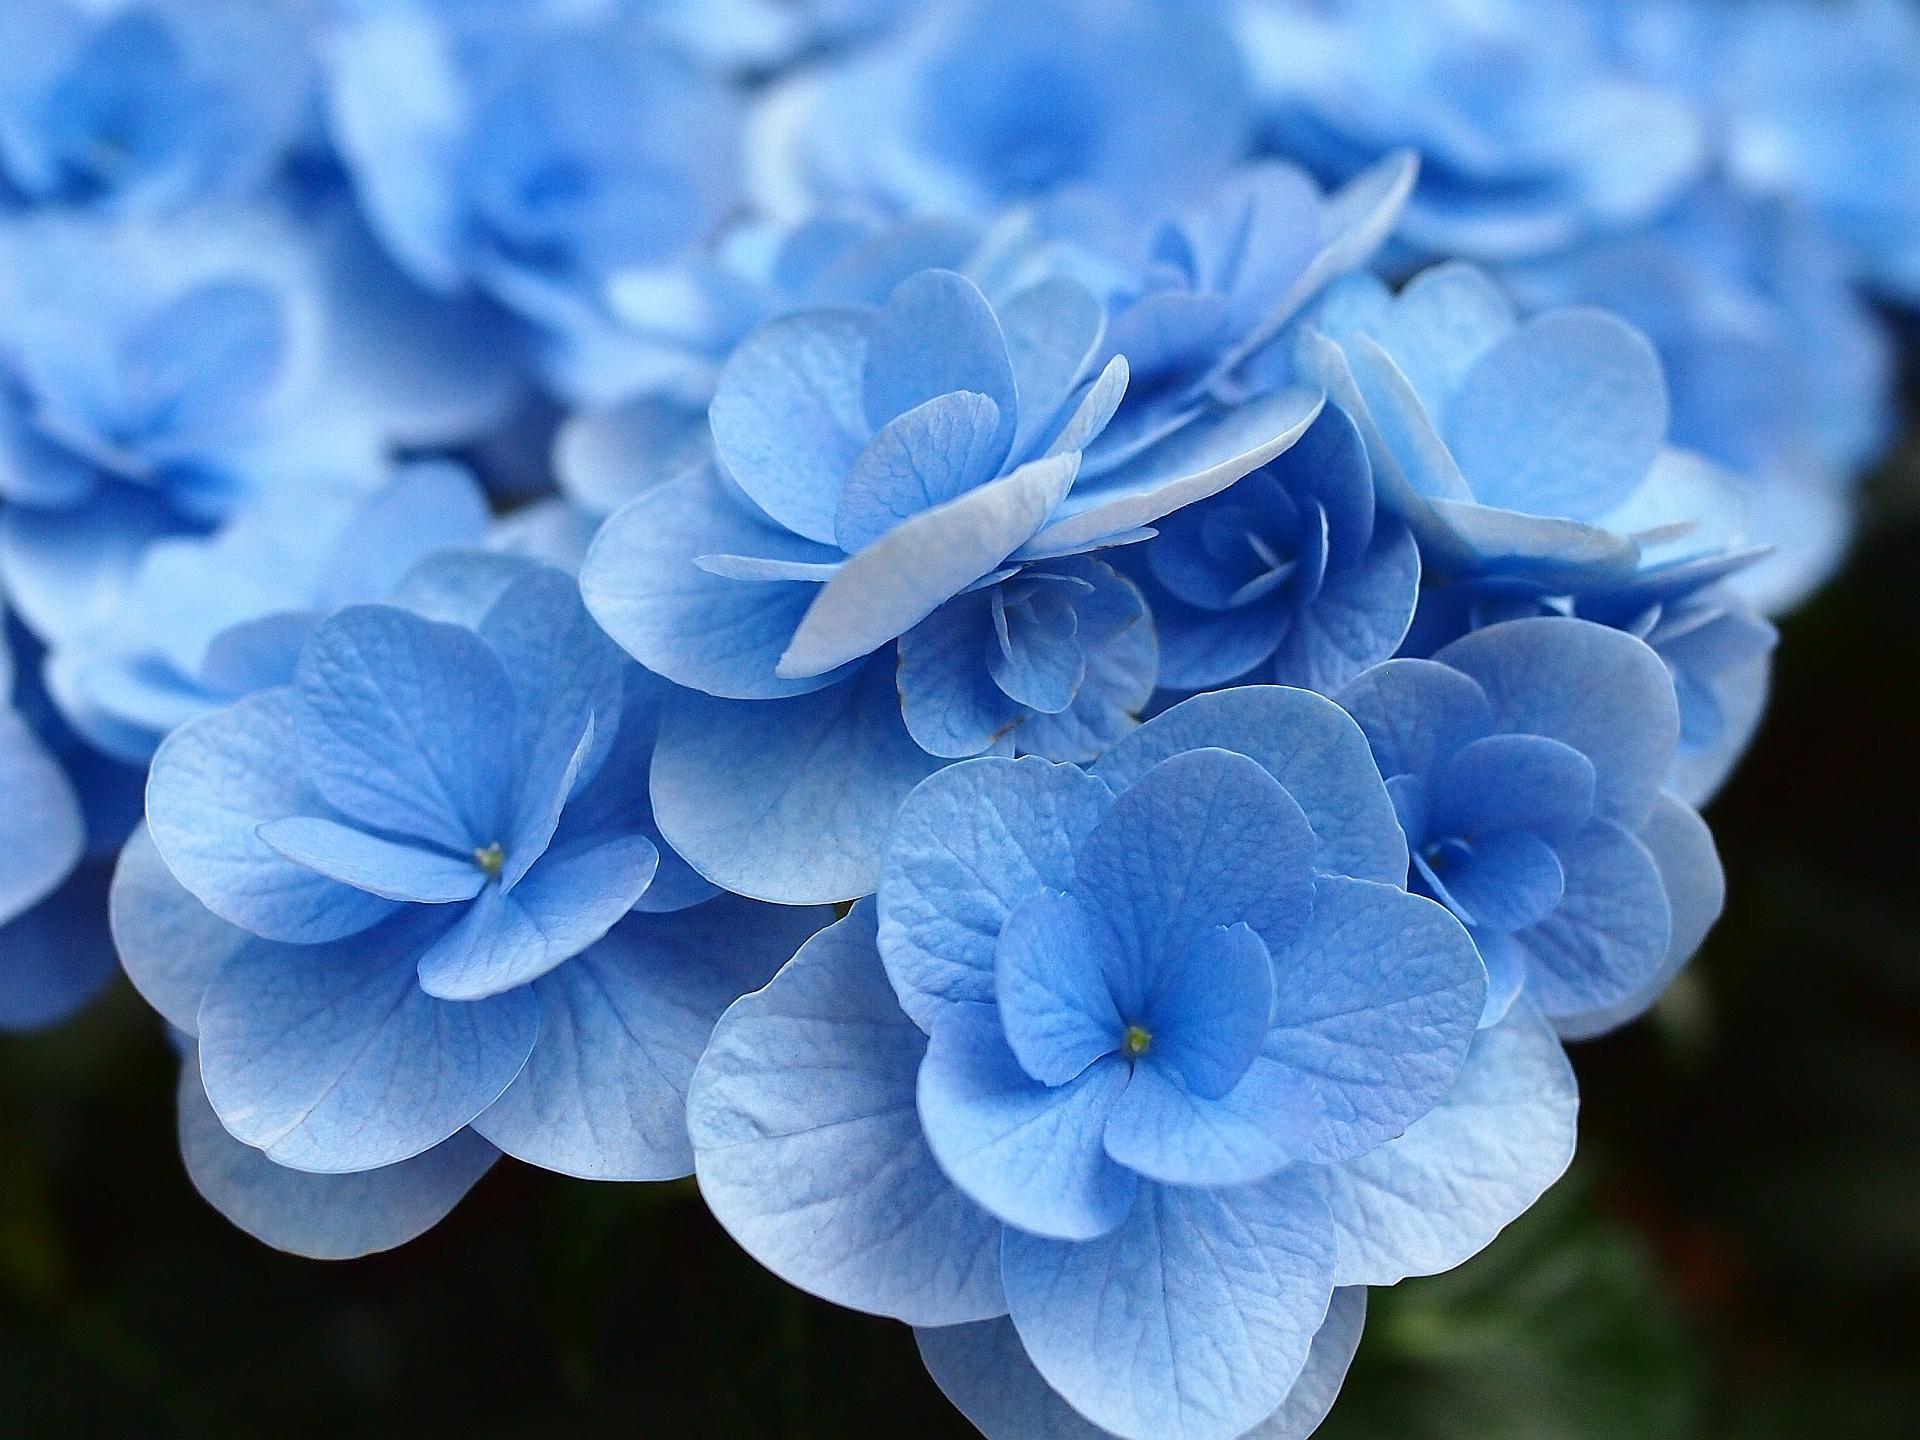 нём фотографии синих цветов профнастила это капитальная